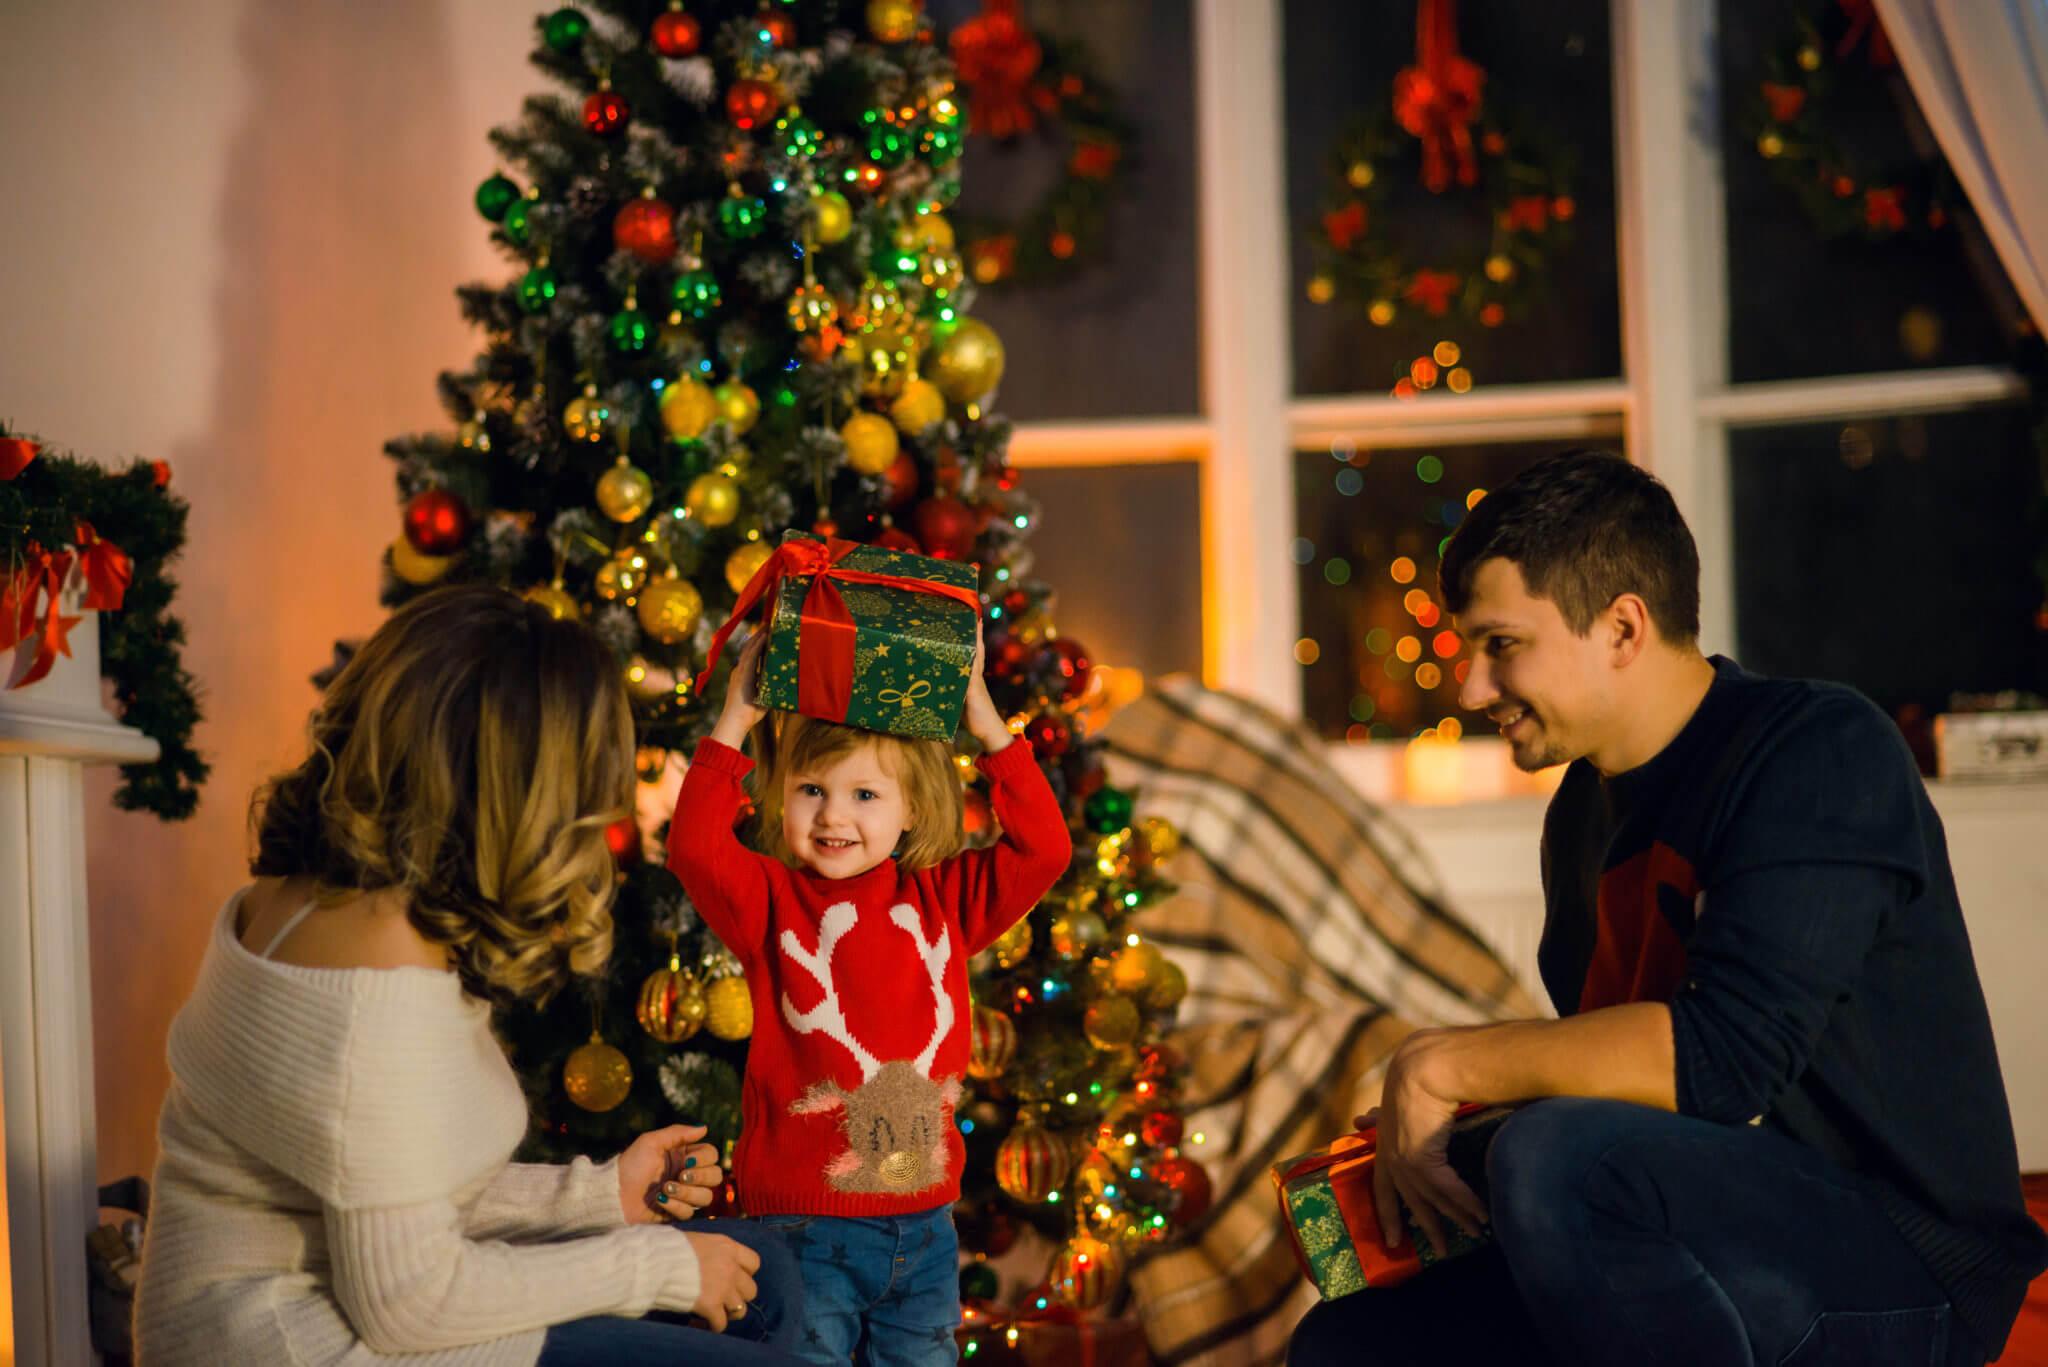 Новогодняя фотосессия, семья из трех человек на фоне елки